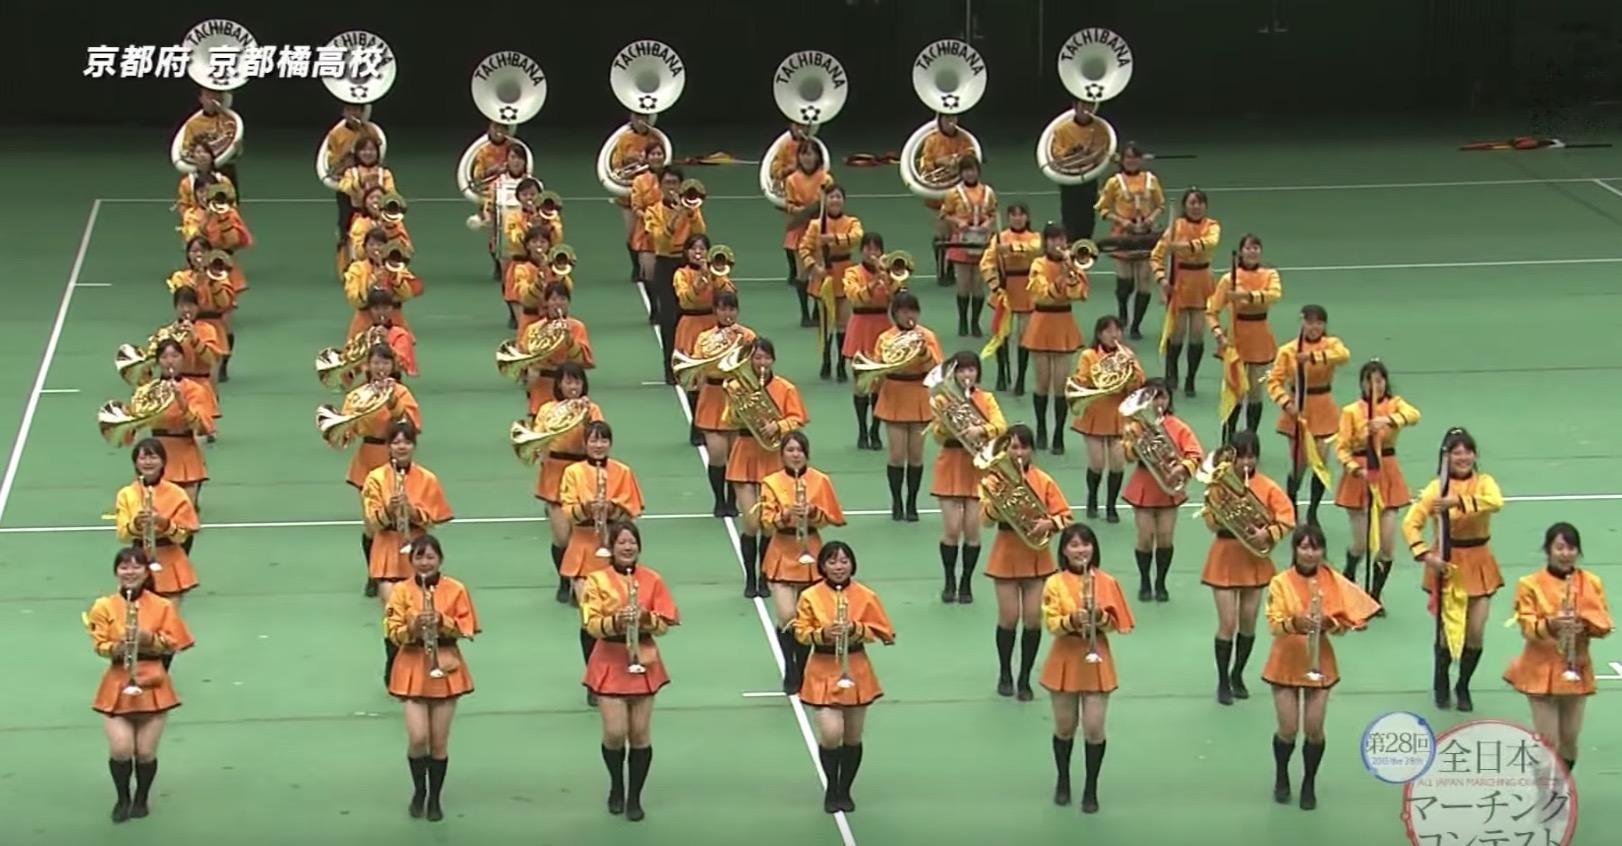 【鳥肌】全日本マーチングコンテストで優勝した女子高生たちの一糸乱れぬパフォーマンスに鳥肌!!